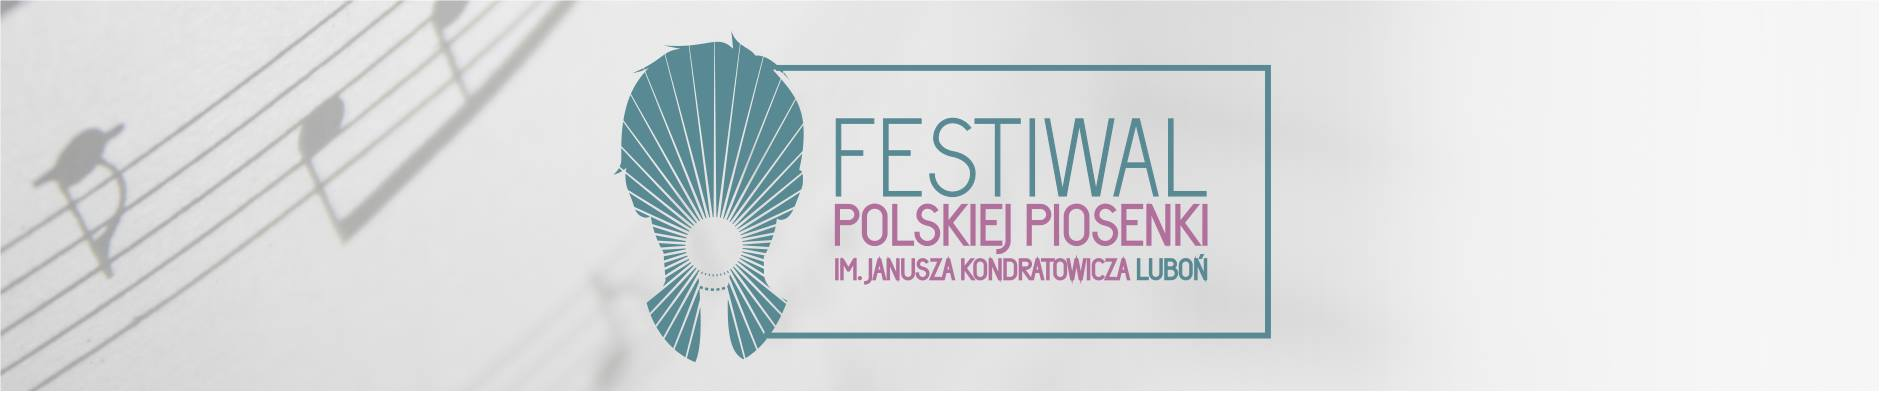 Festiwal Polskiej Piosenki im. Janusza Kondratowicza LUBOŃ